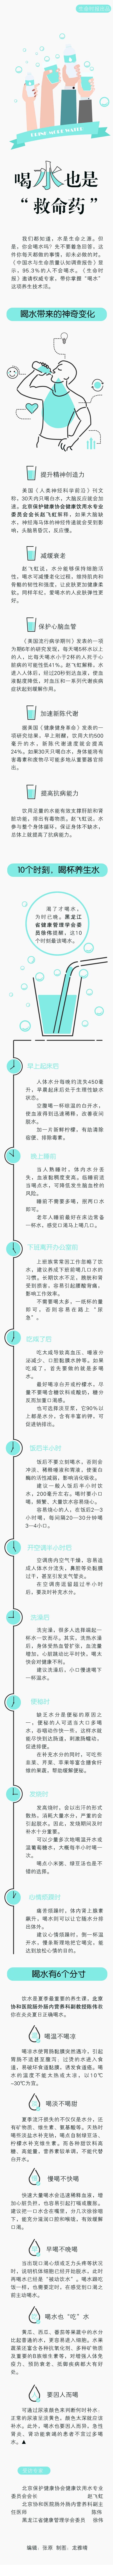 2017年02月11日 - 锦上添花 - 錦上添花 blog.